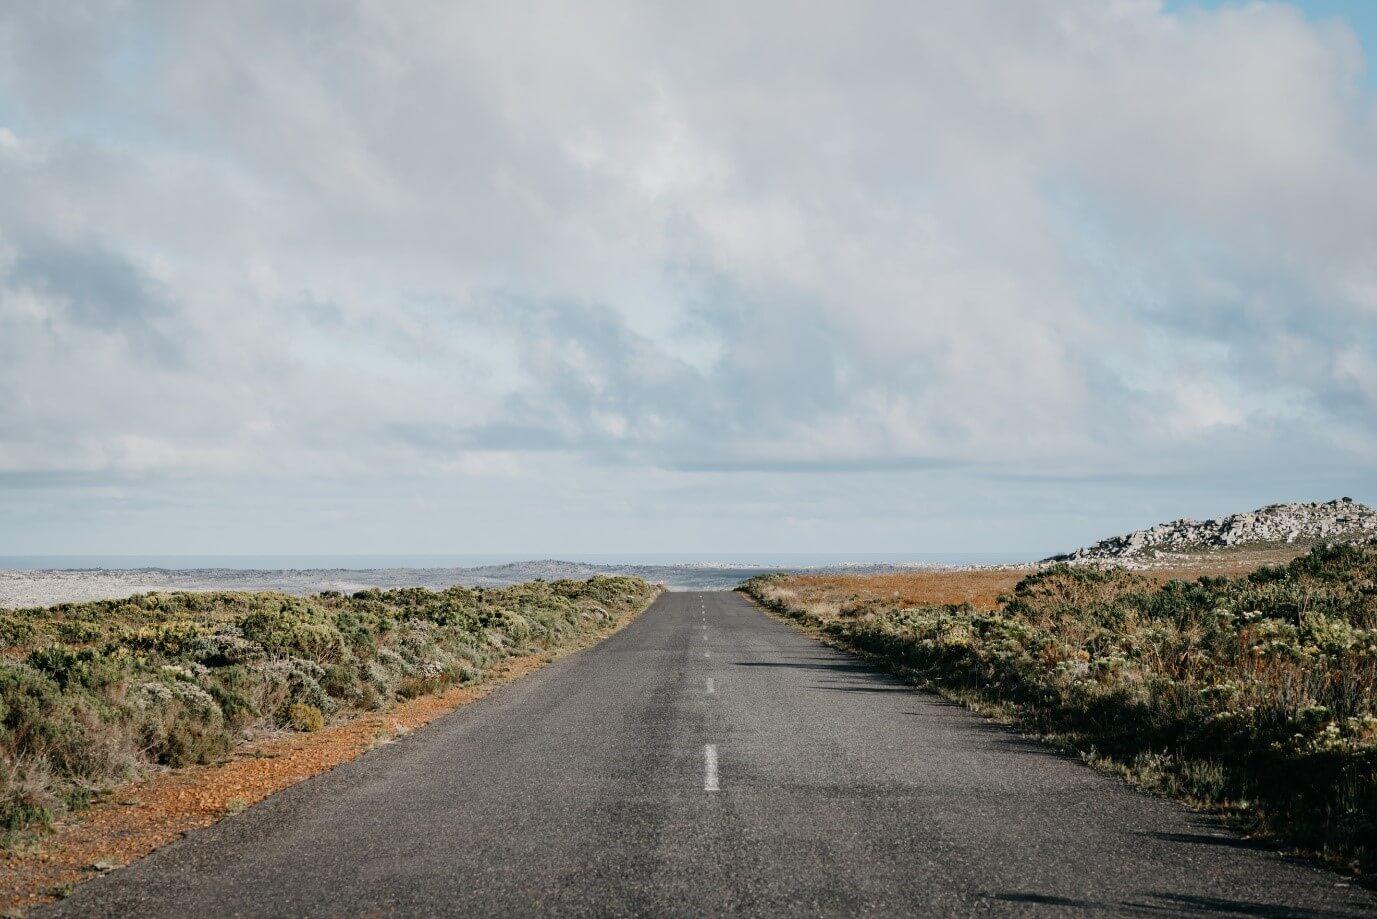 Die Landschaften variieren je nachdem, wo Sie sich im Naturschutzgebiet aufhalten.